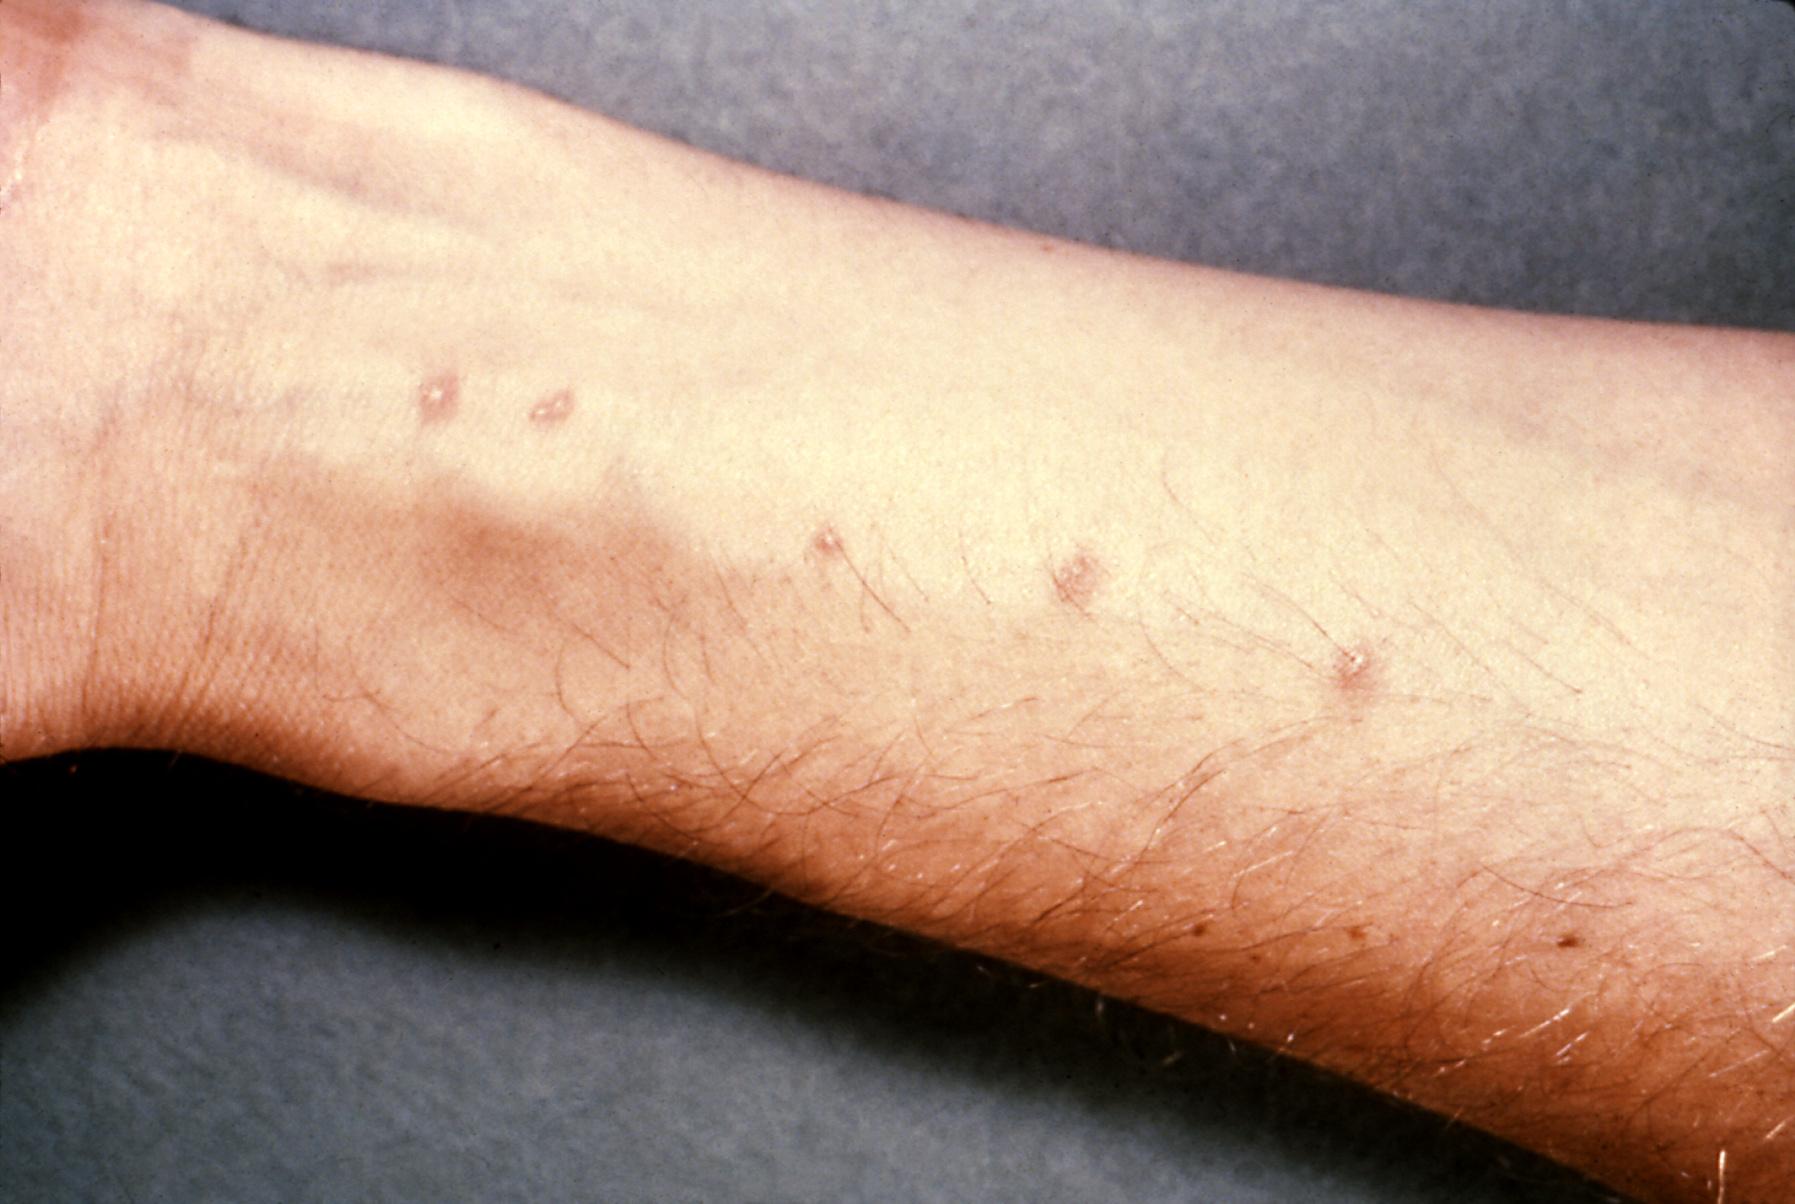 Folliculitis